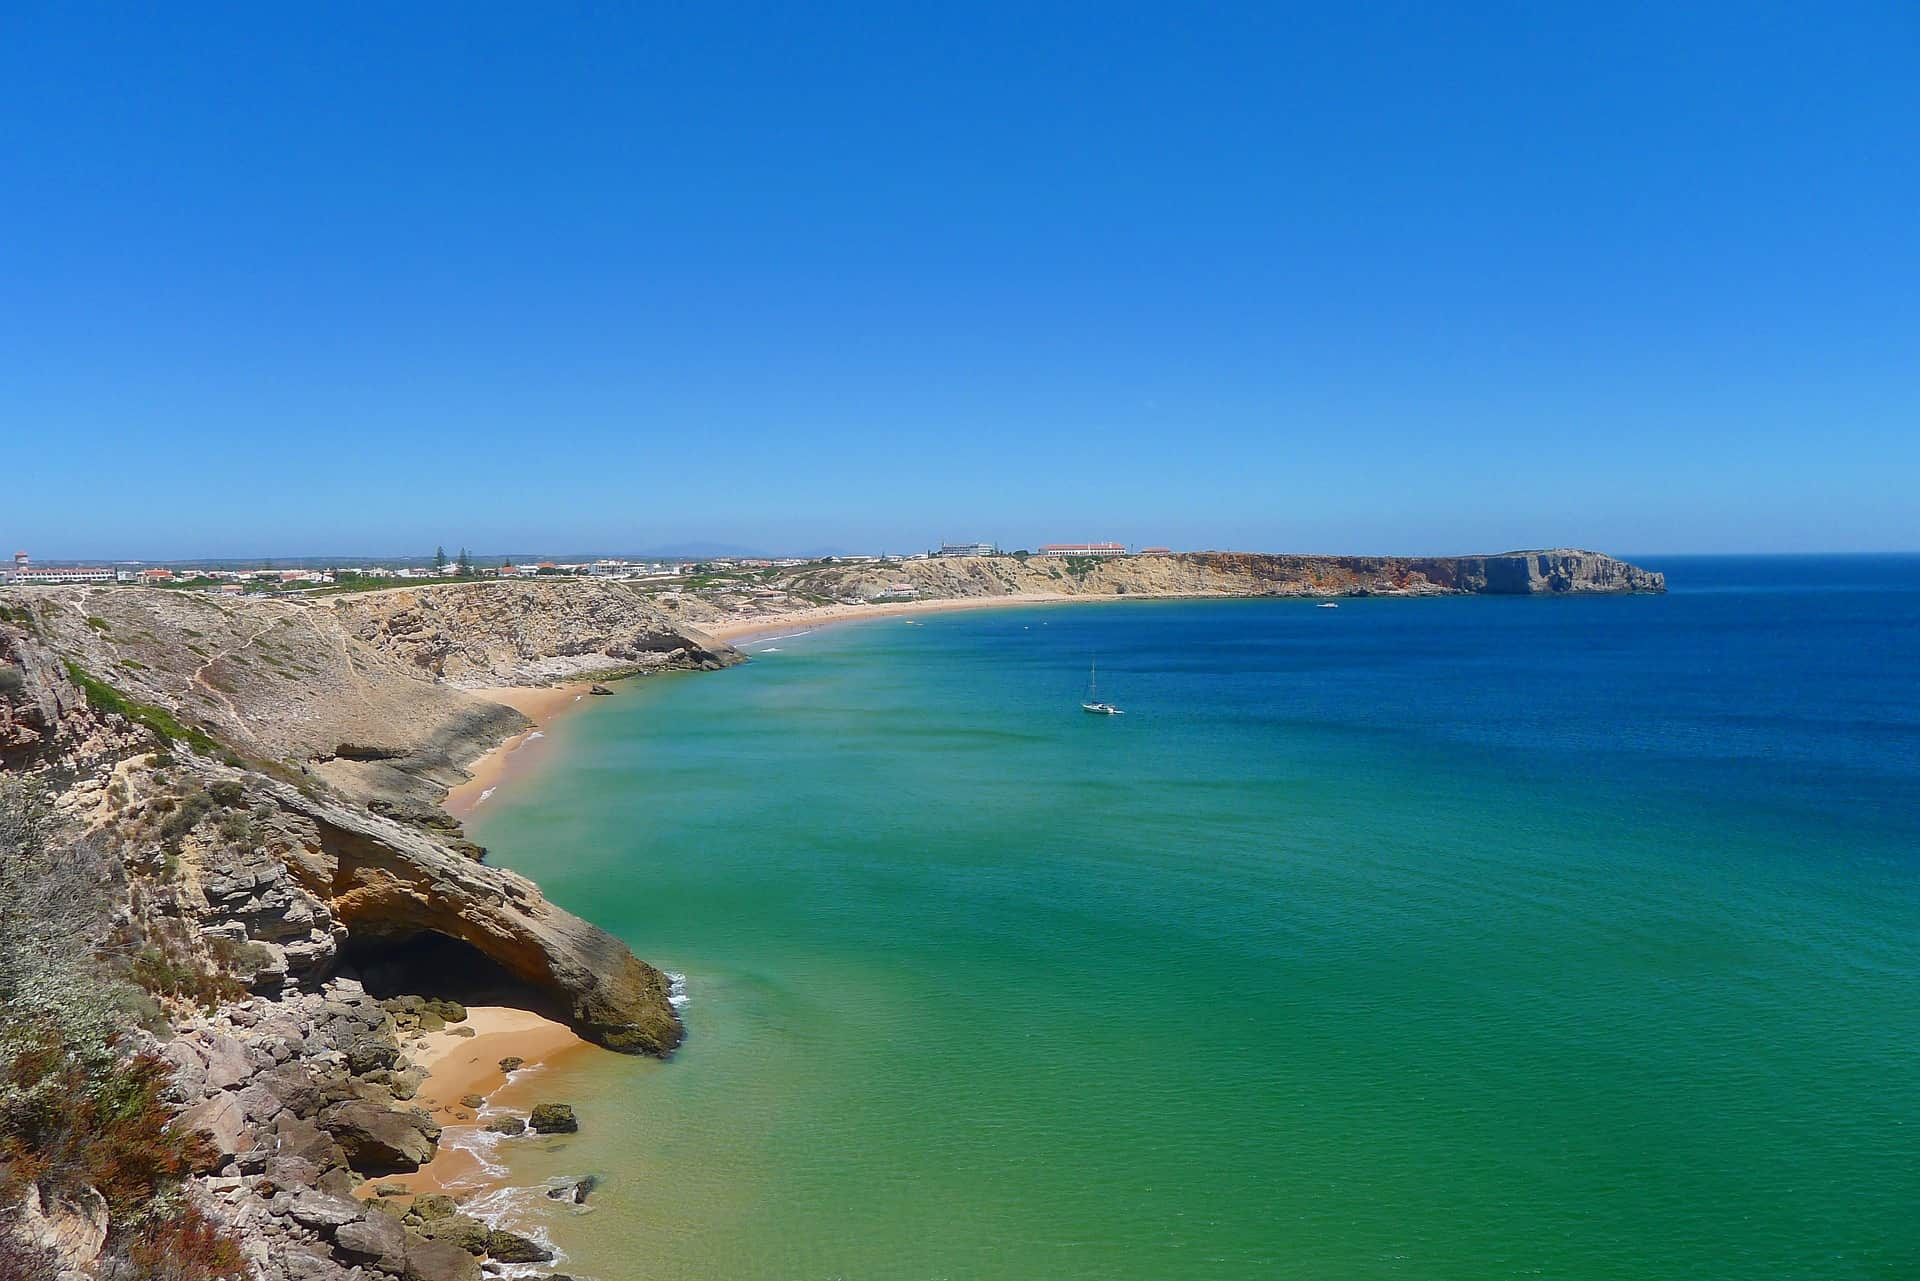 Praia de La Luz Urlaub - 4 Sterne 1 Woche Portugal